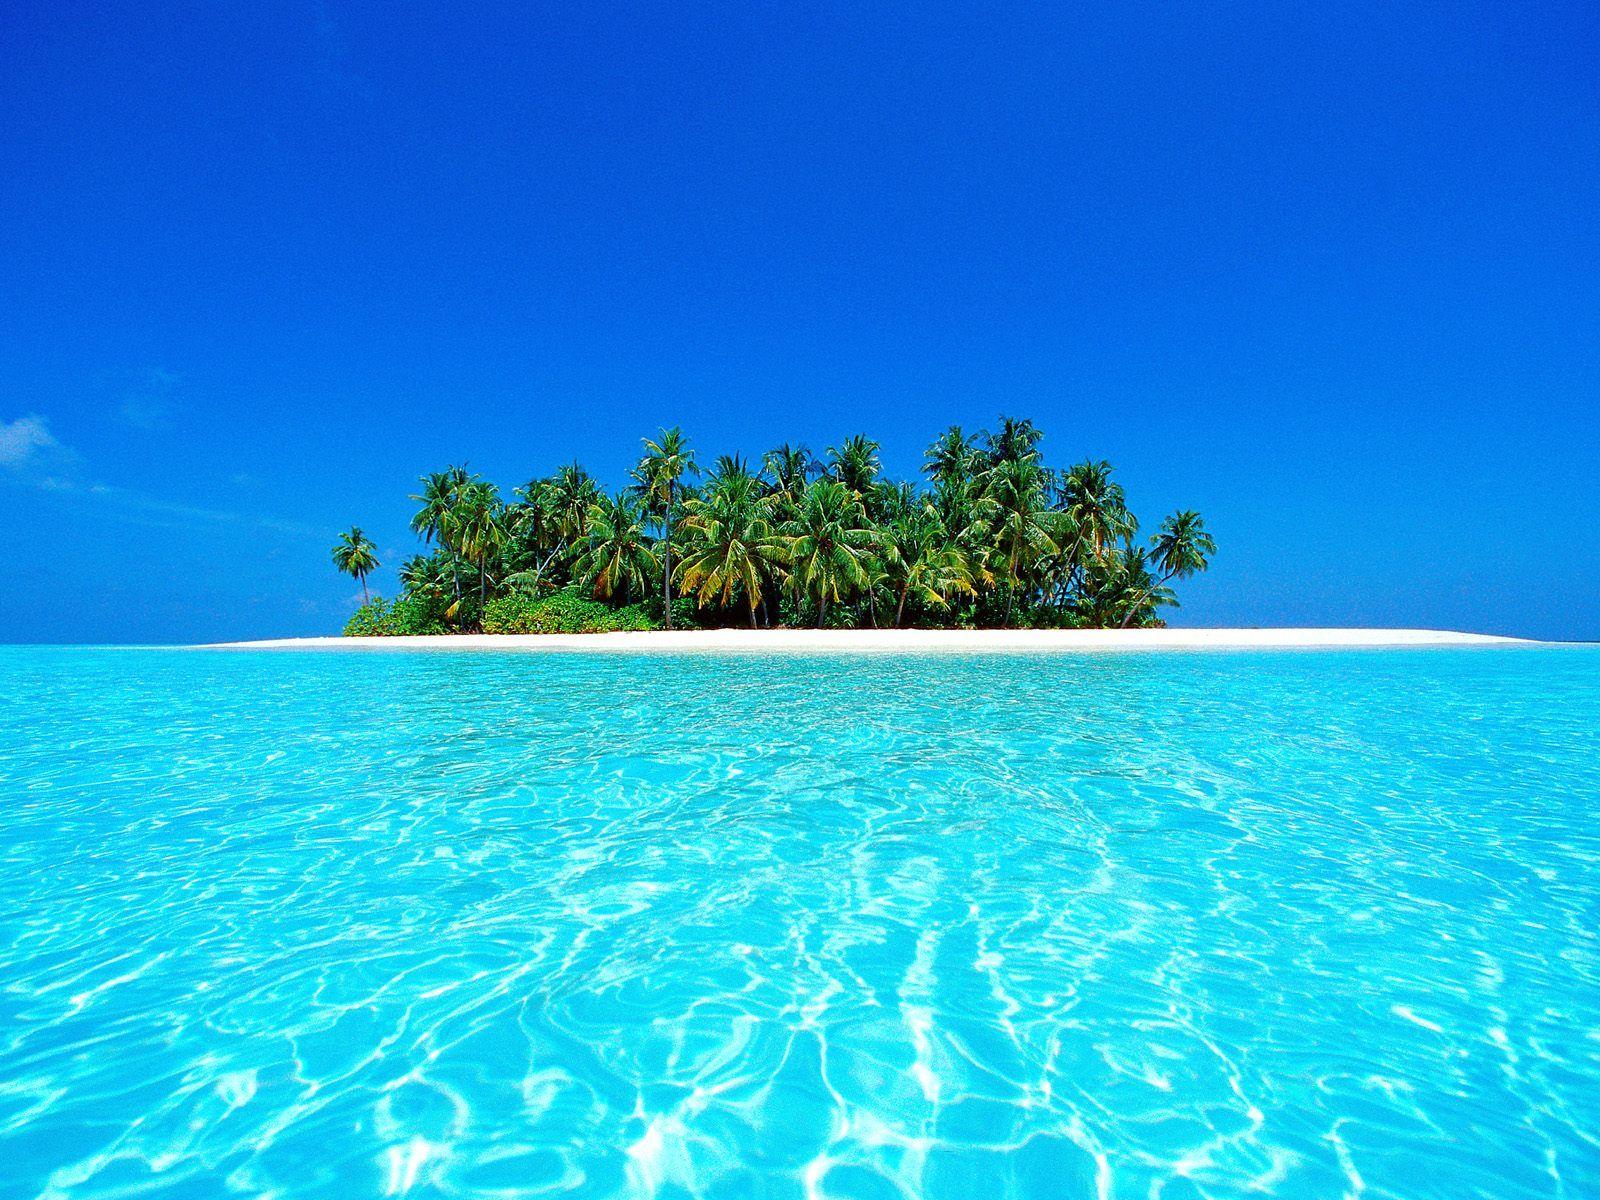 fond d'ecran gratuit ocean indien